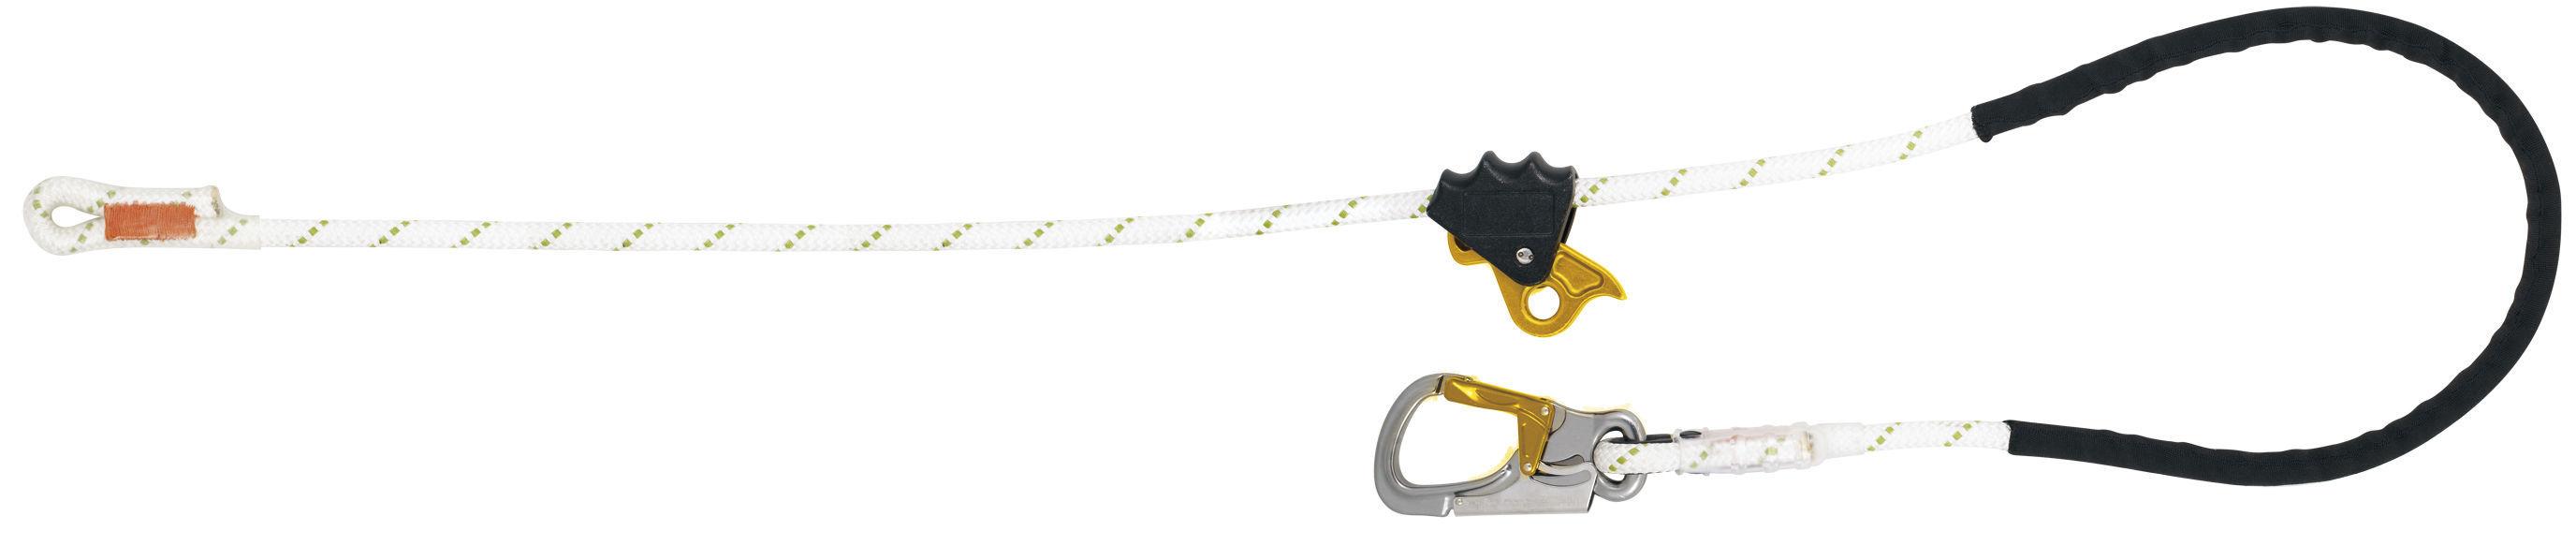 Seil-Absturzsicherung / einstellbar - ADJUST\'AIR - Beal Pro